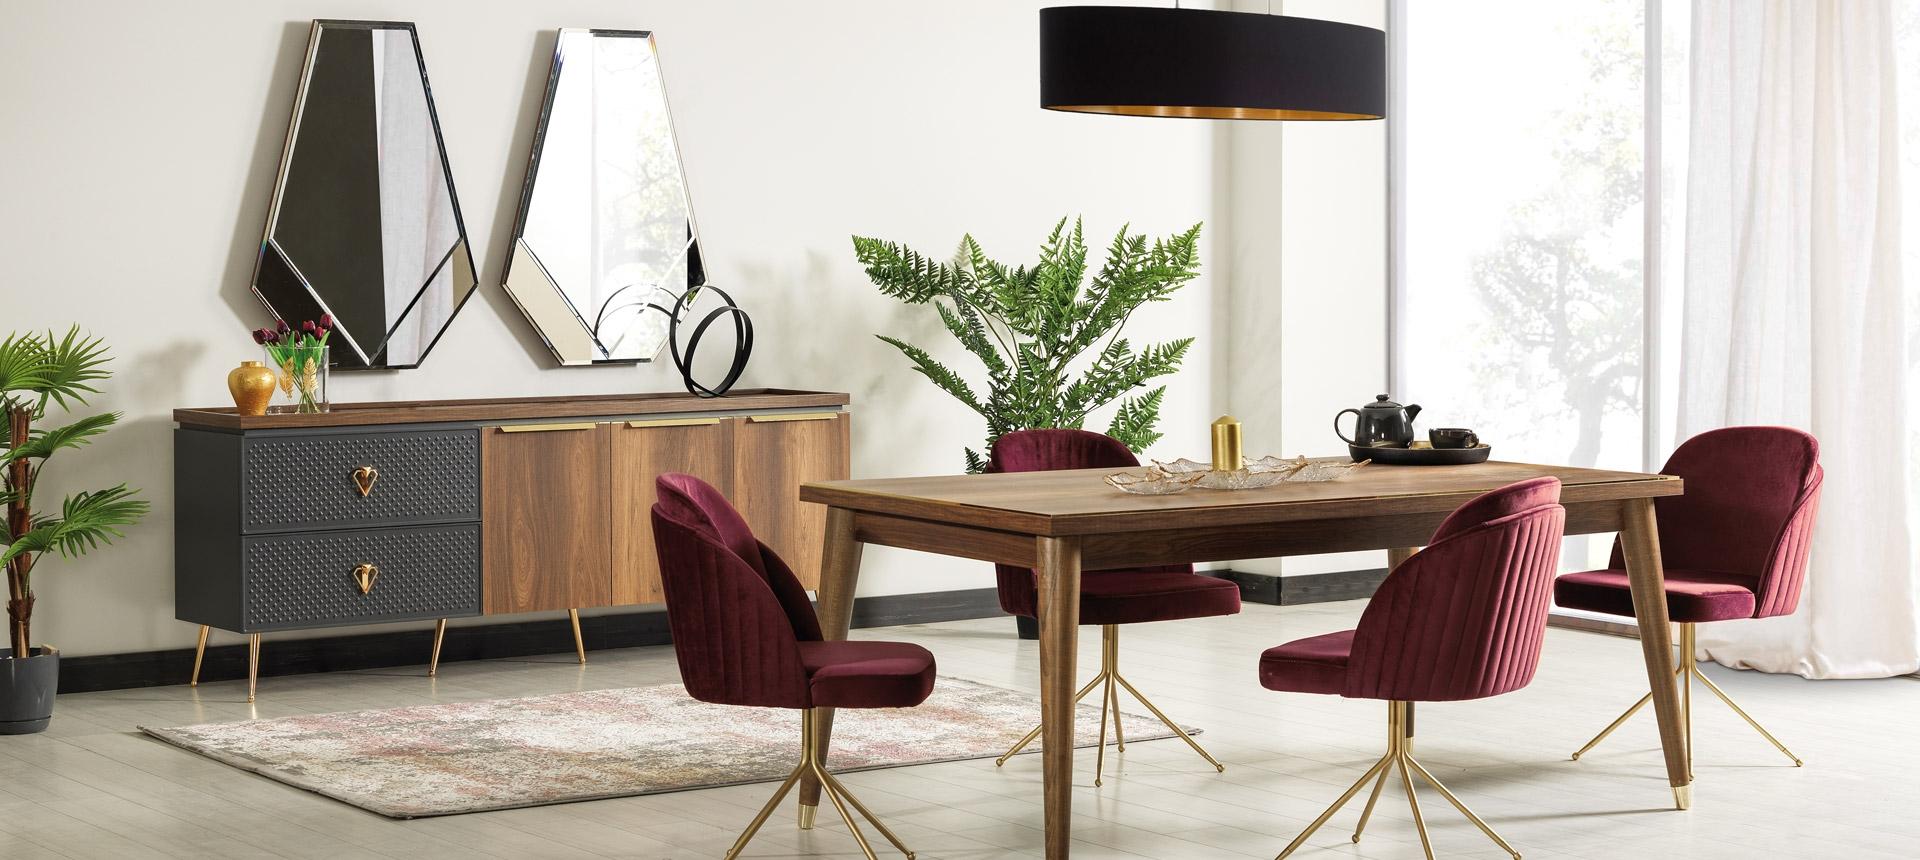 Set de mobila dining din pal si metal, 10 piese Pietro Nuc imagine